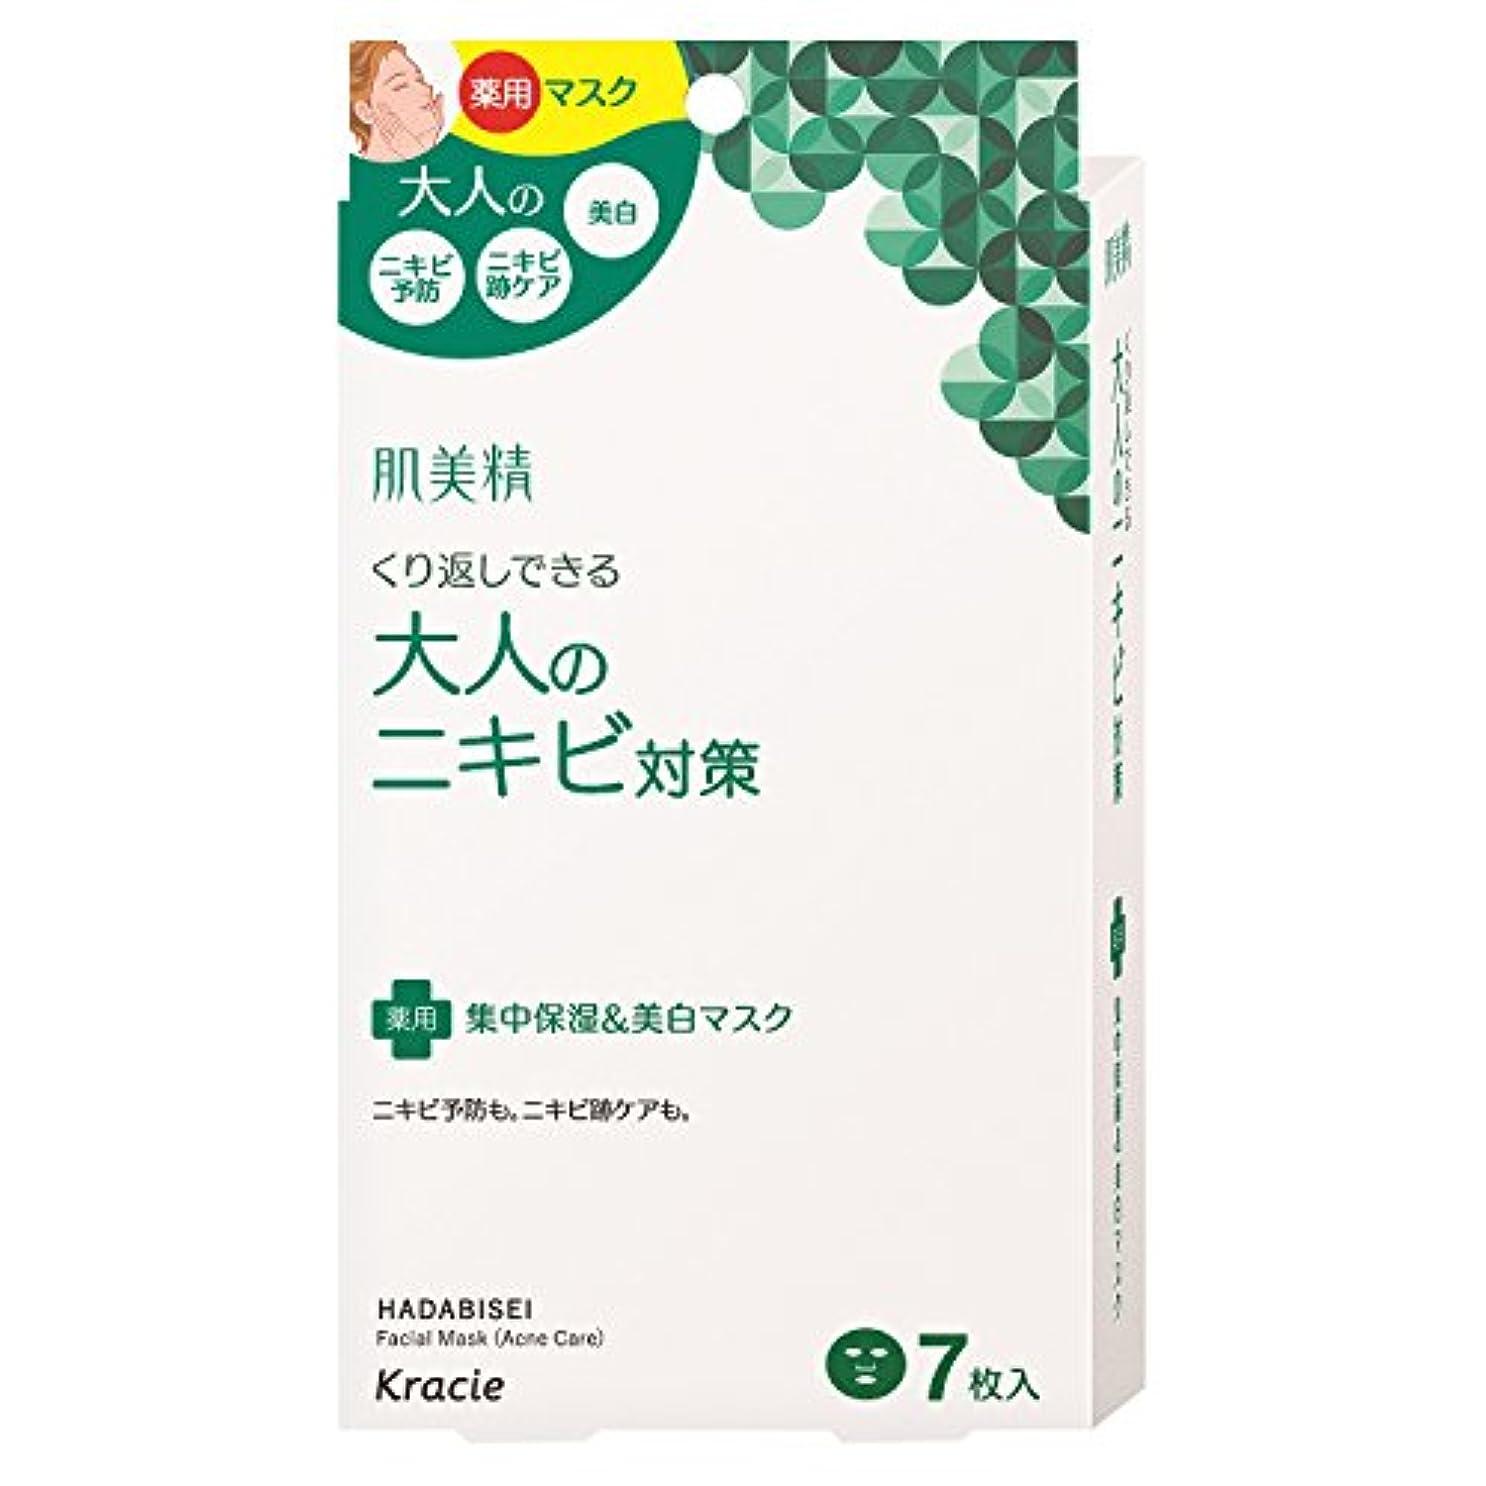 嫌悪スペード議会肌美精 大人のニキビ対策 薬用集中保湿&美白マスク 7枚 (医薬部外品)